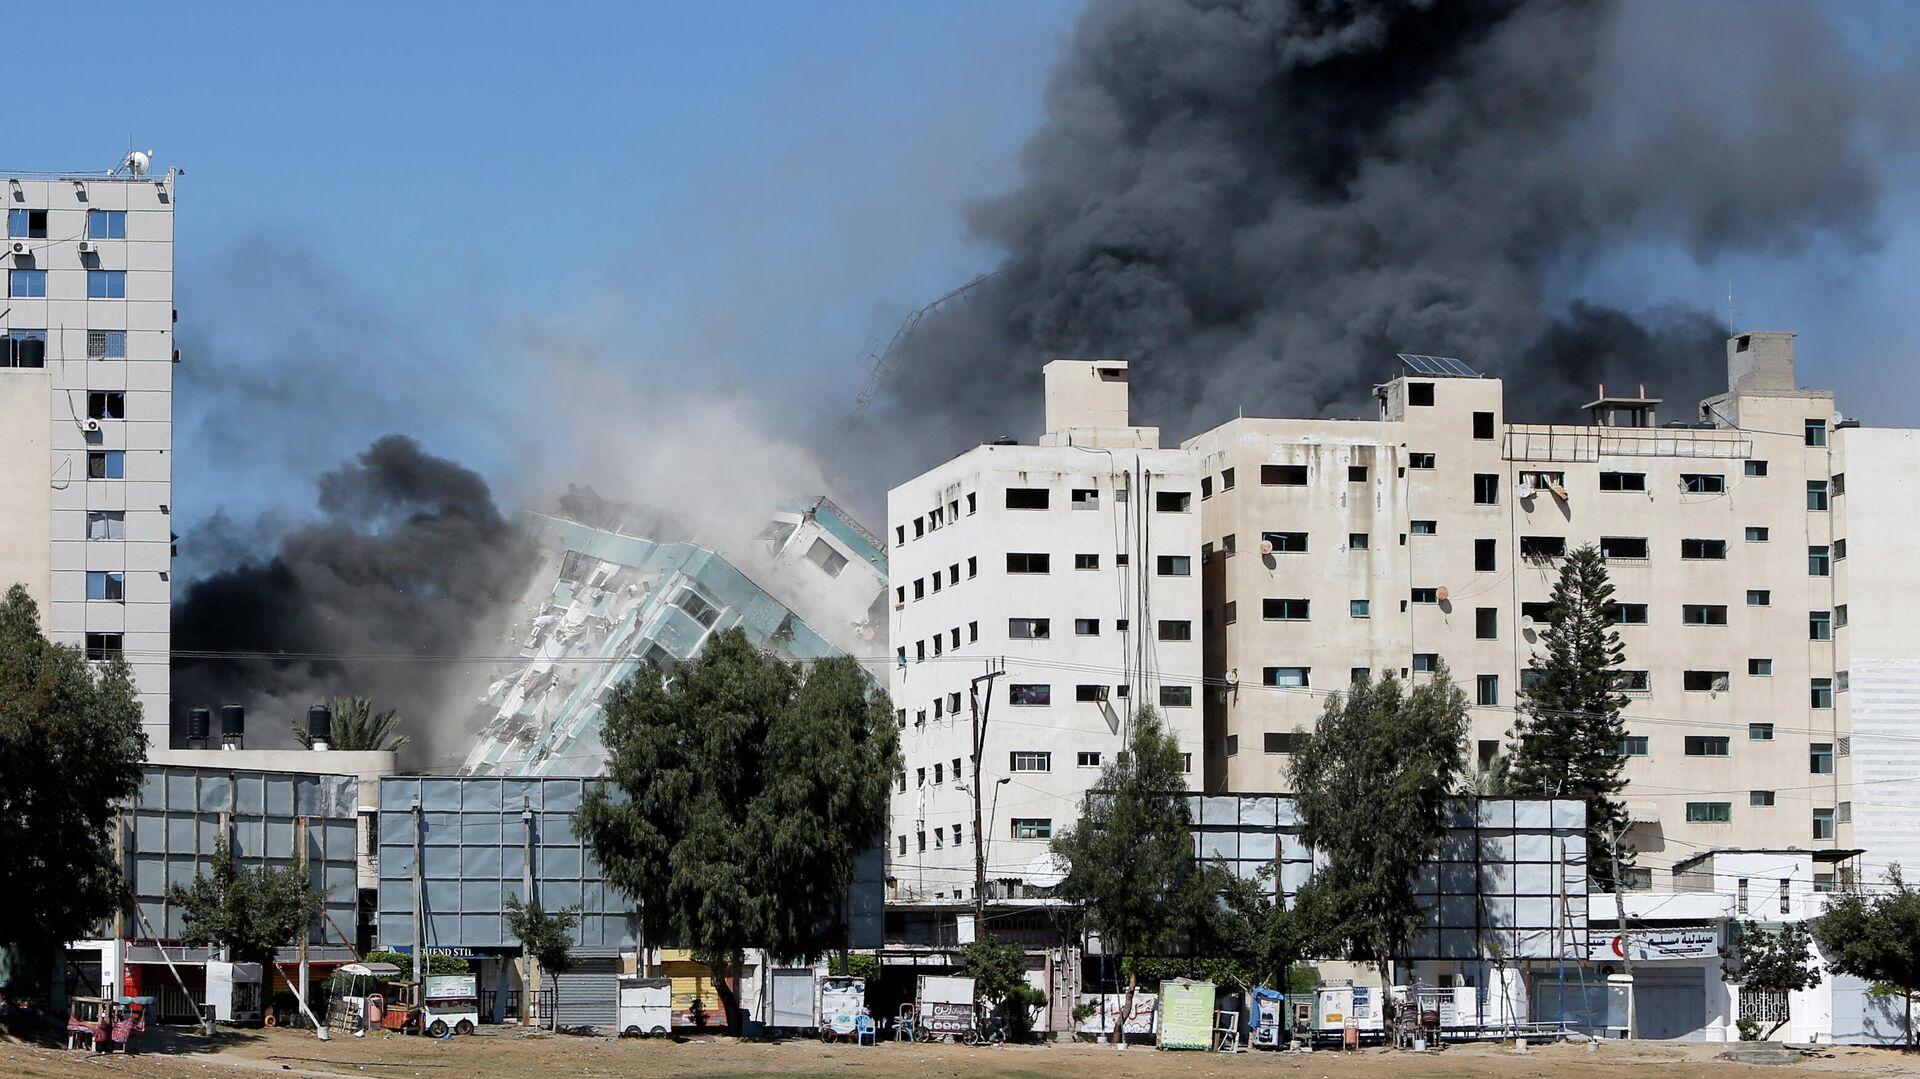 Обрушение здания в Газе, где располагались офисы международных СМИ  - РИА Новости, 1920, 15.05.2021